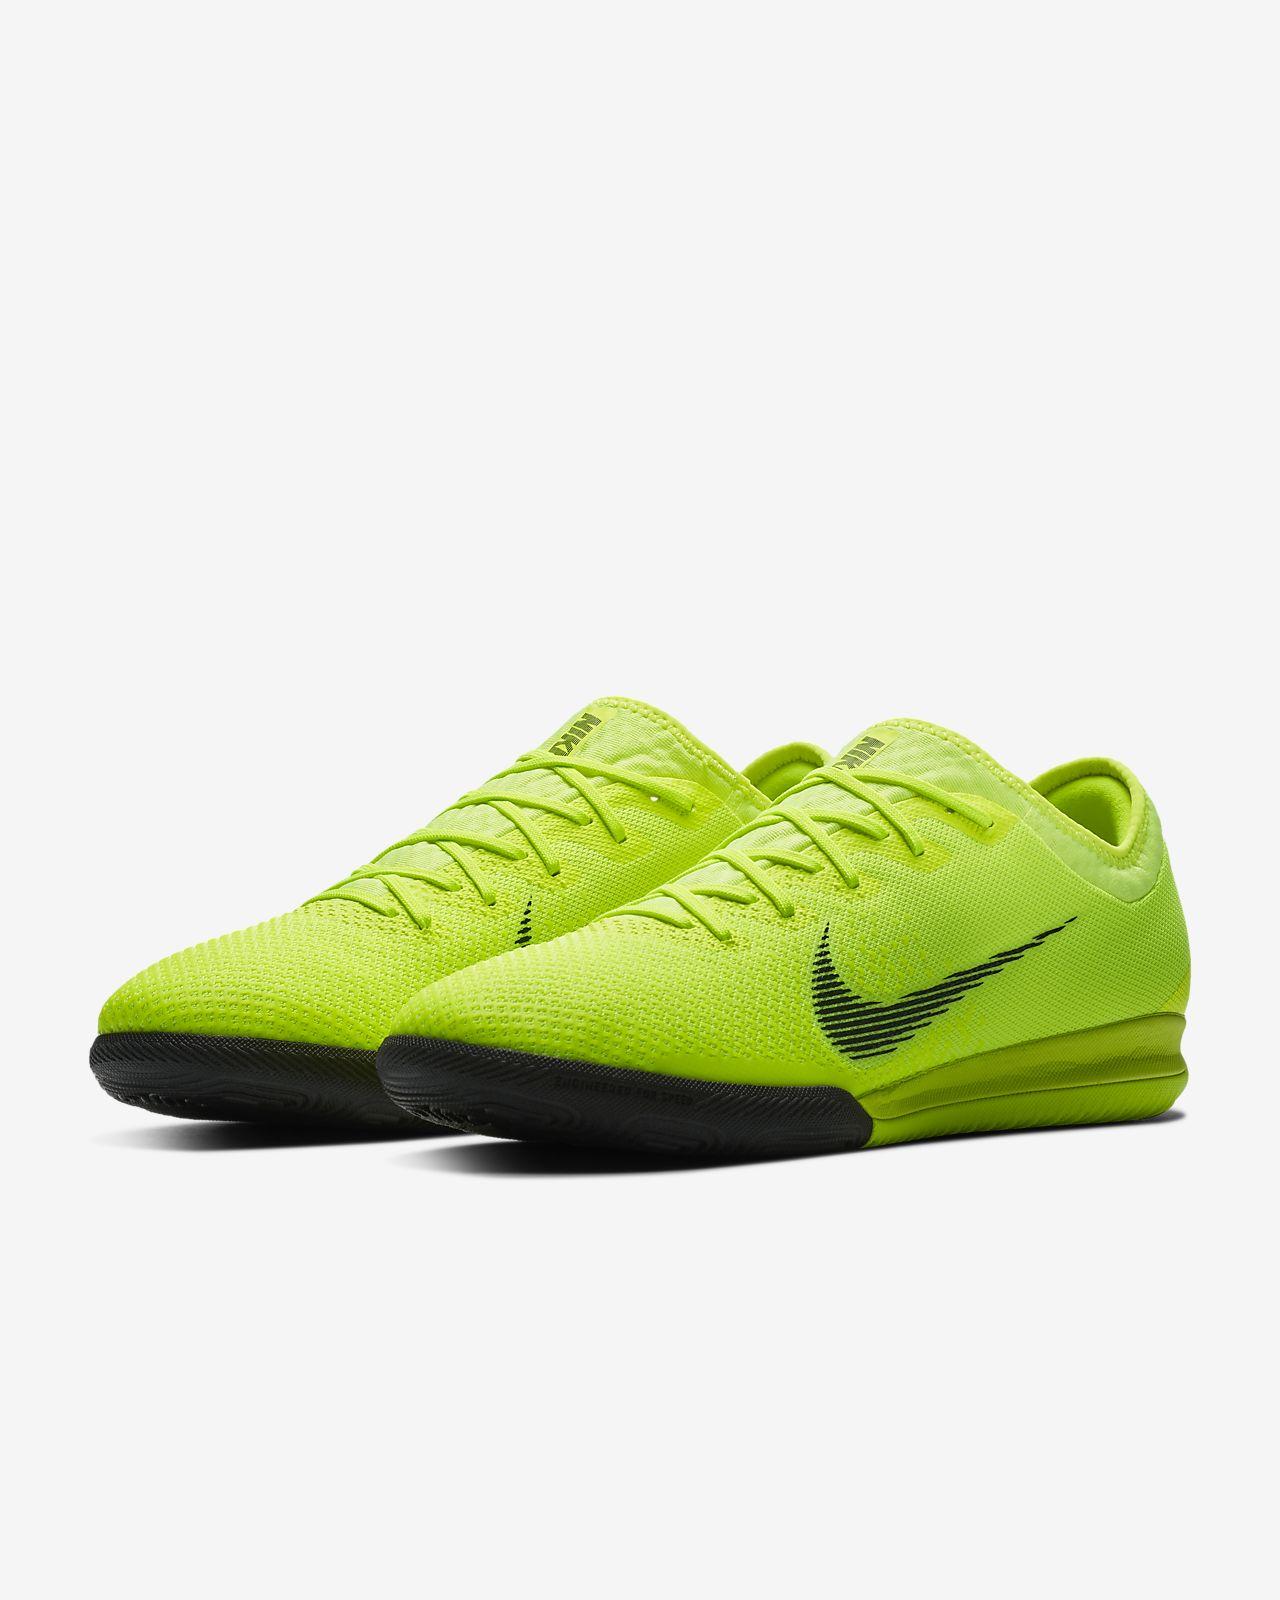 ... Calzado de fútbol para competencias en cancha cubierta Nike VaporX 12  Pro IC 1dc0a594d1735